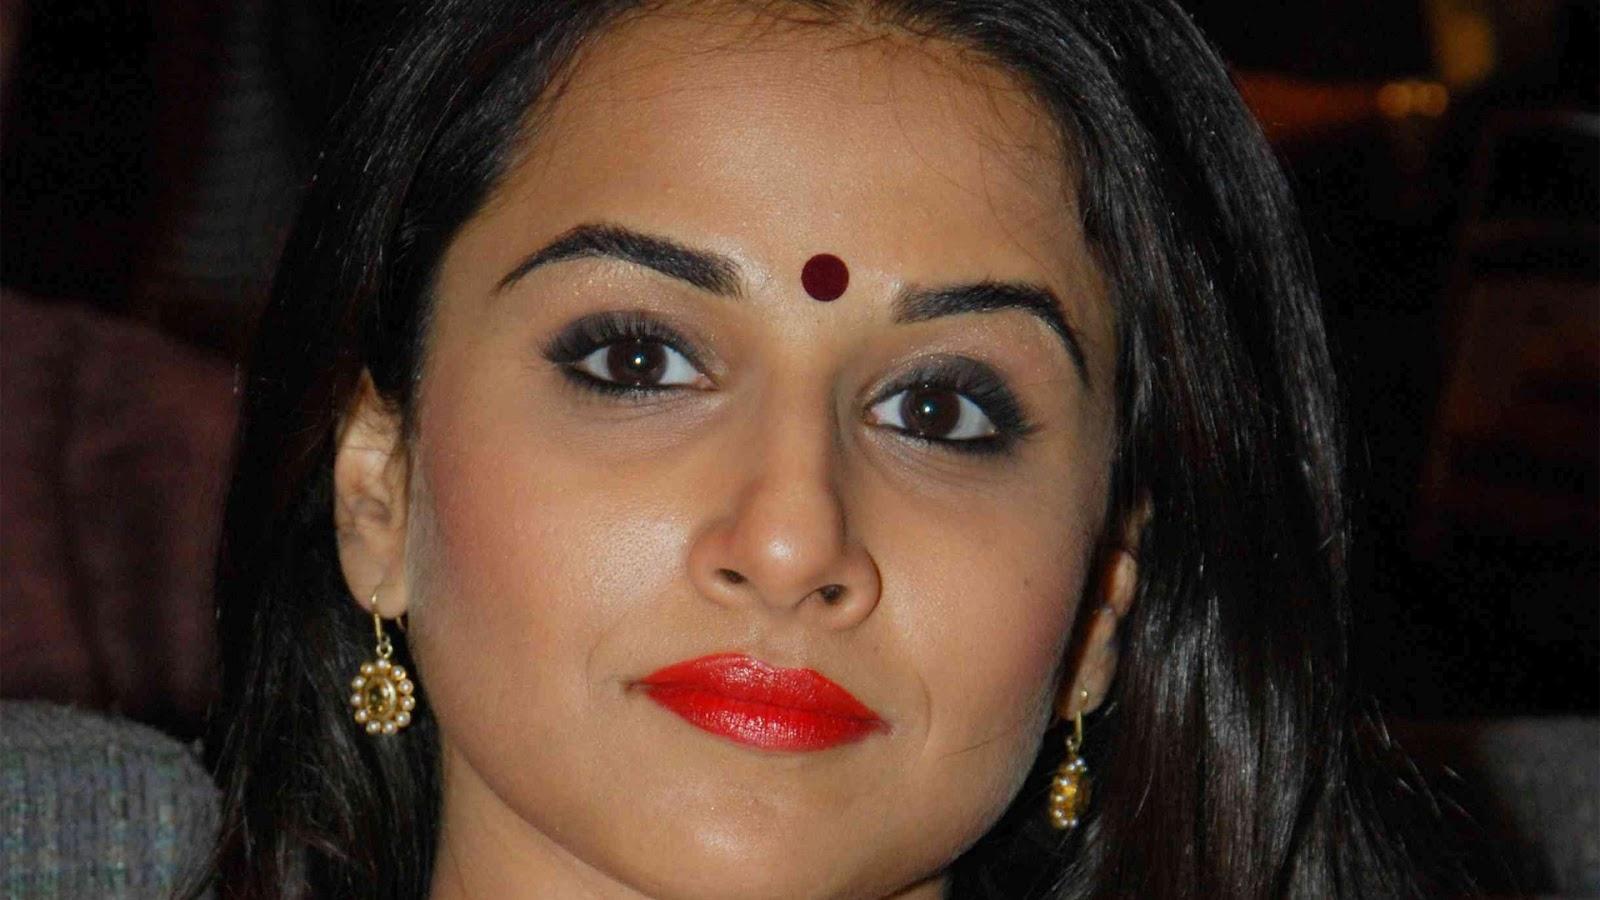 Kajal Photo Pul He Wollp: Desi Actress Vidya Balan Hot HD Photos Wallpapers